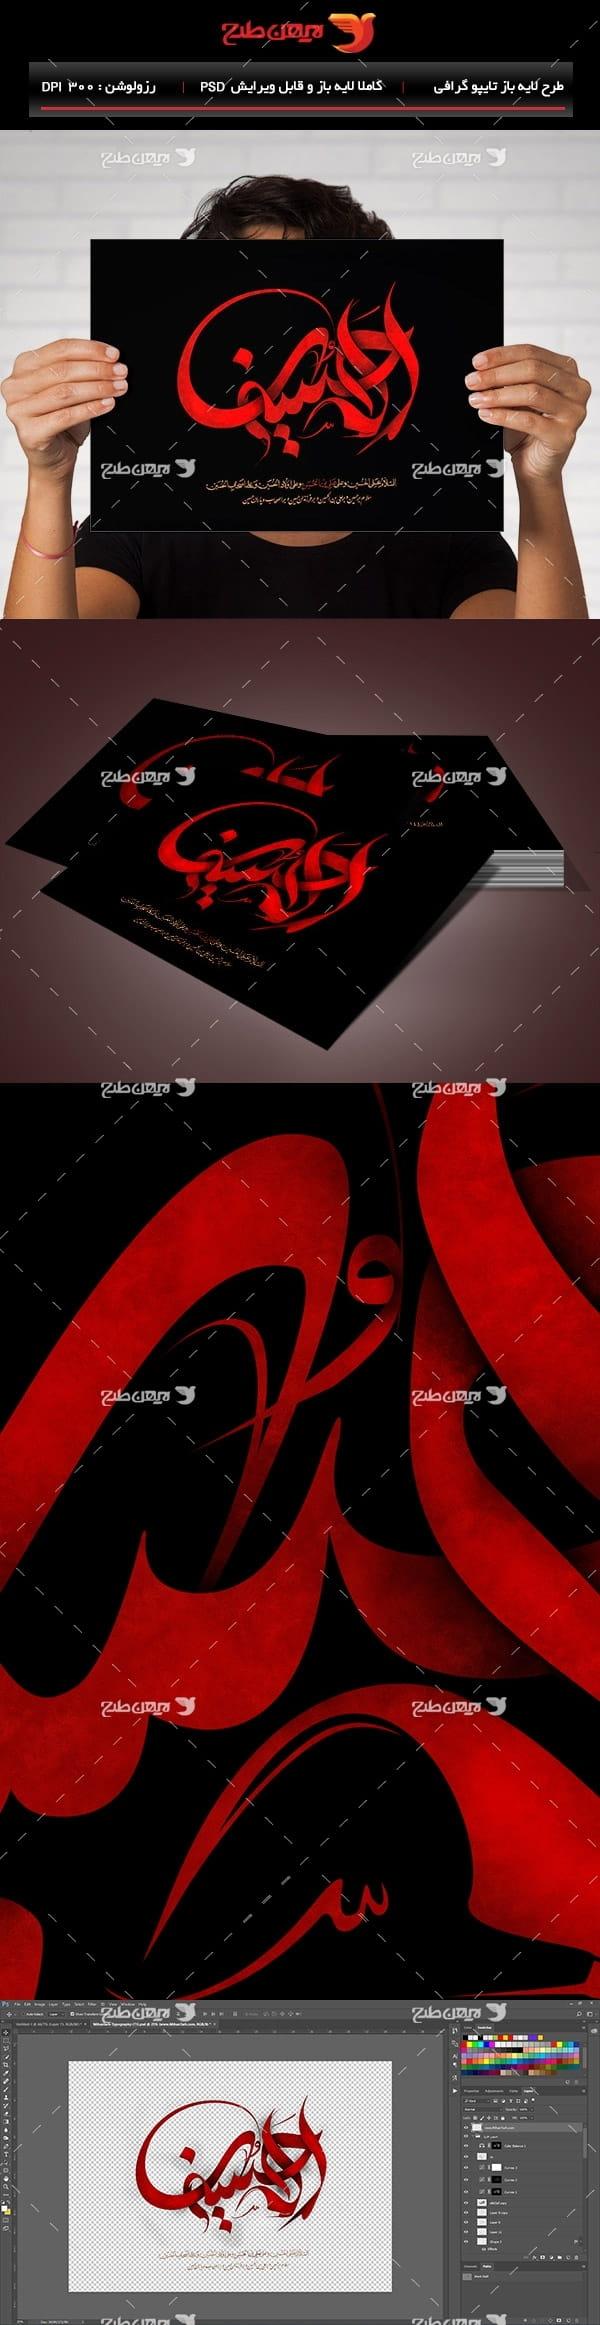 طرح لایه باز تایپوگرافی و خطاطی نام علی بن الحسین